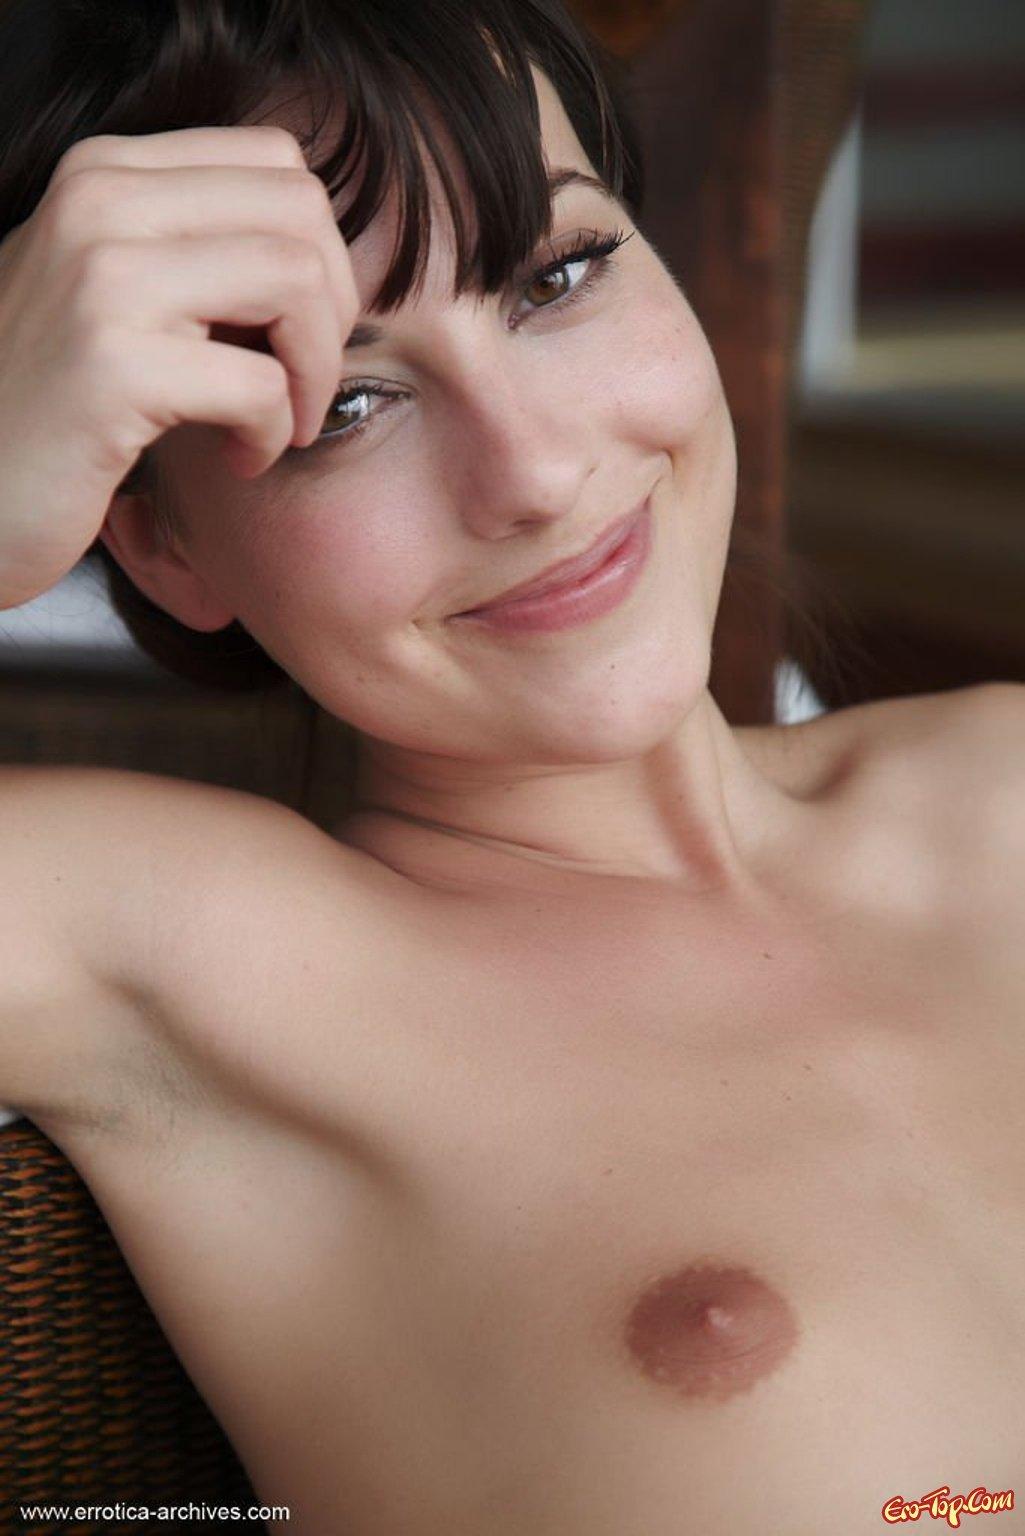 Худая девушка с плоской грудью